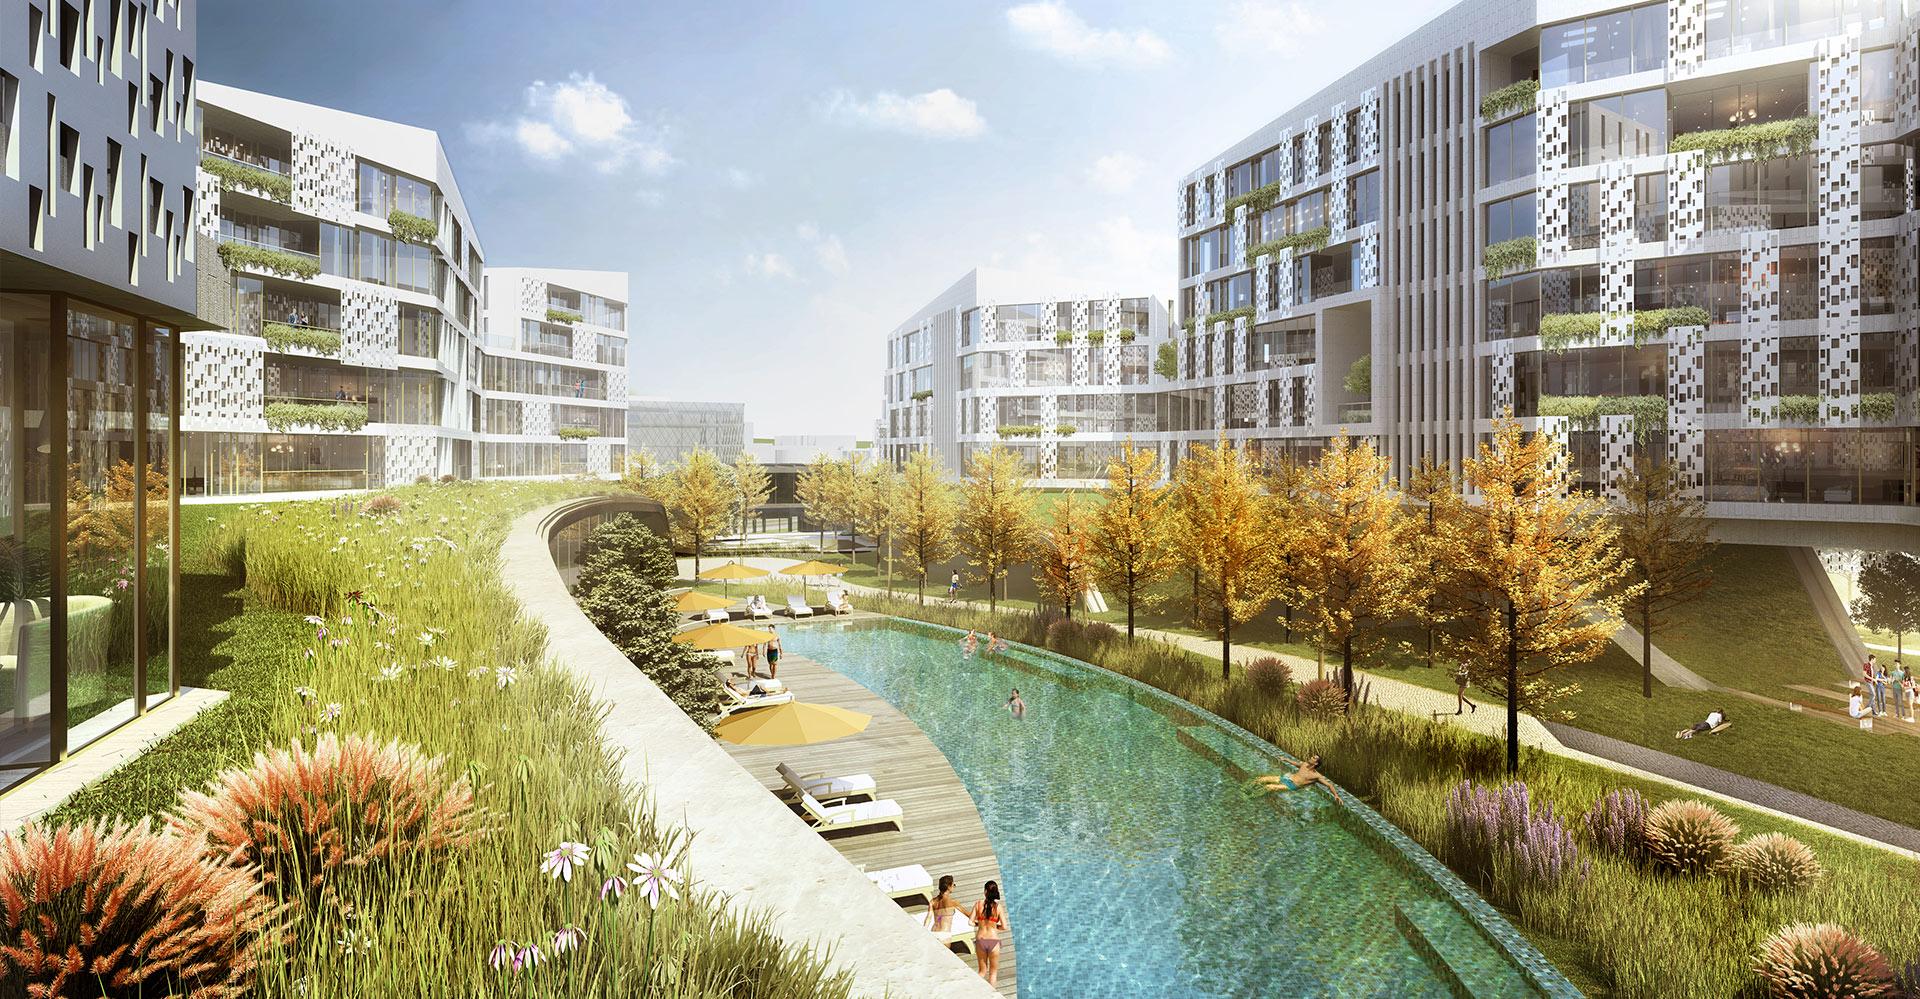 Hannam Residential Seoul Korea WATG Pool Hero